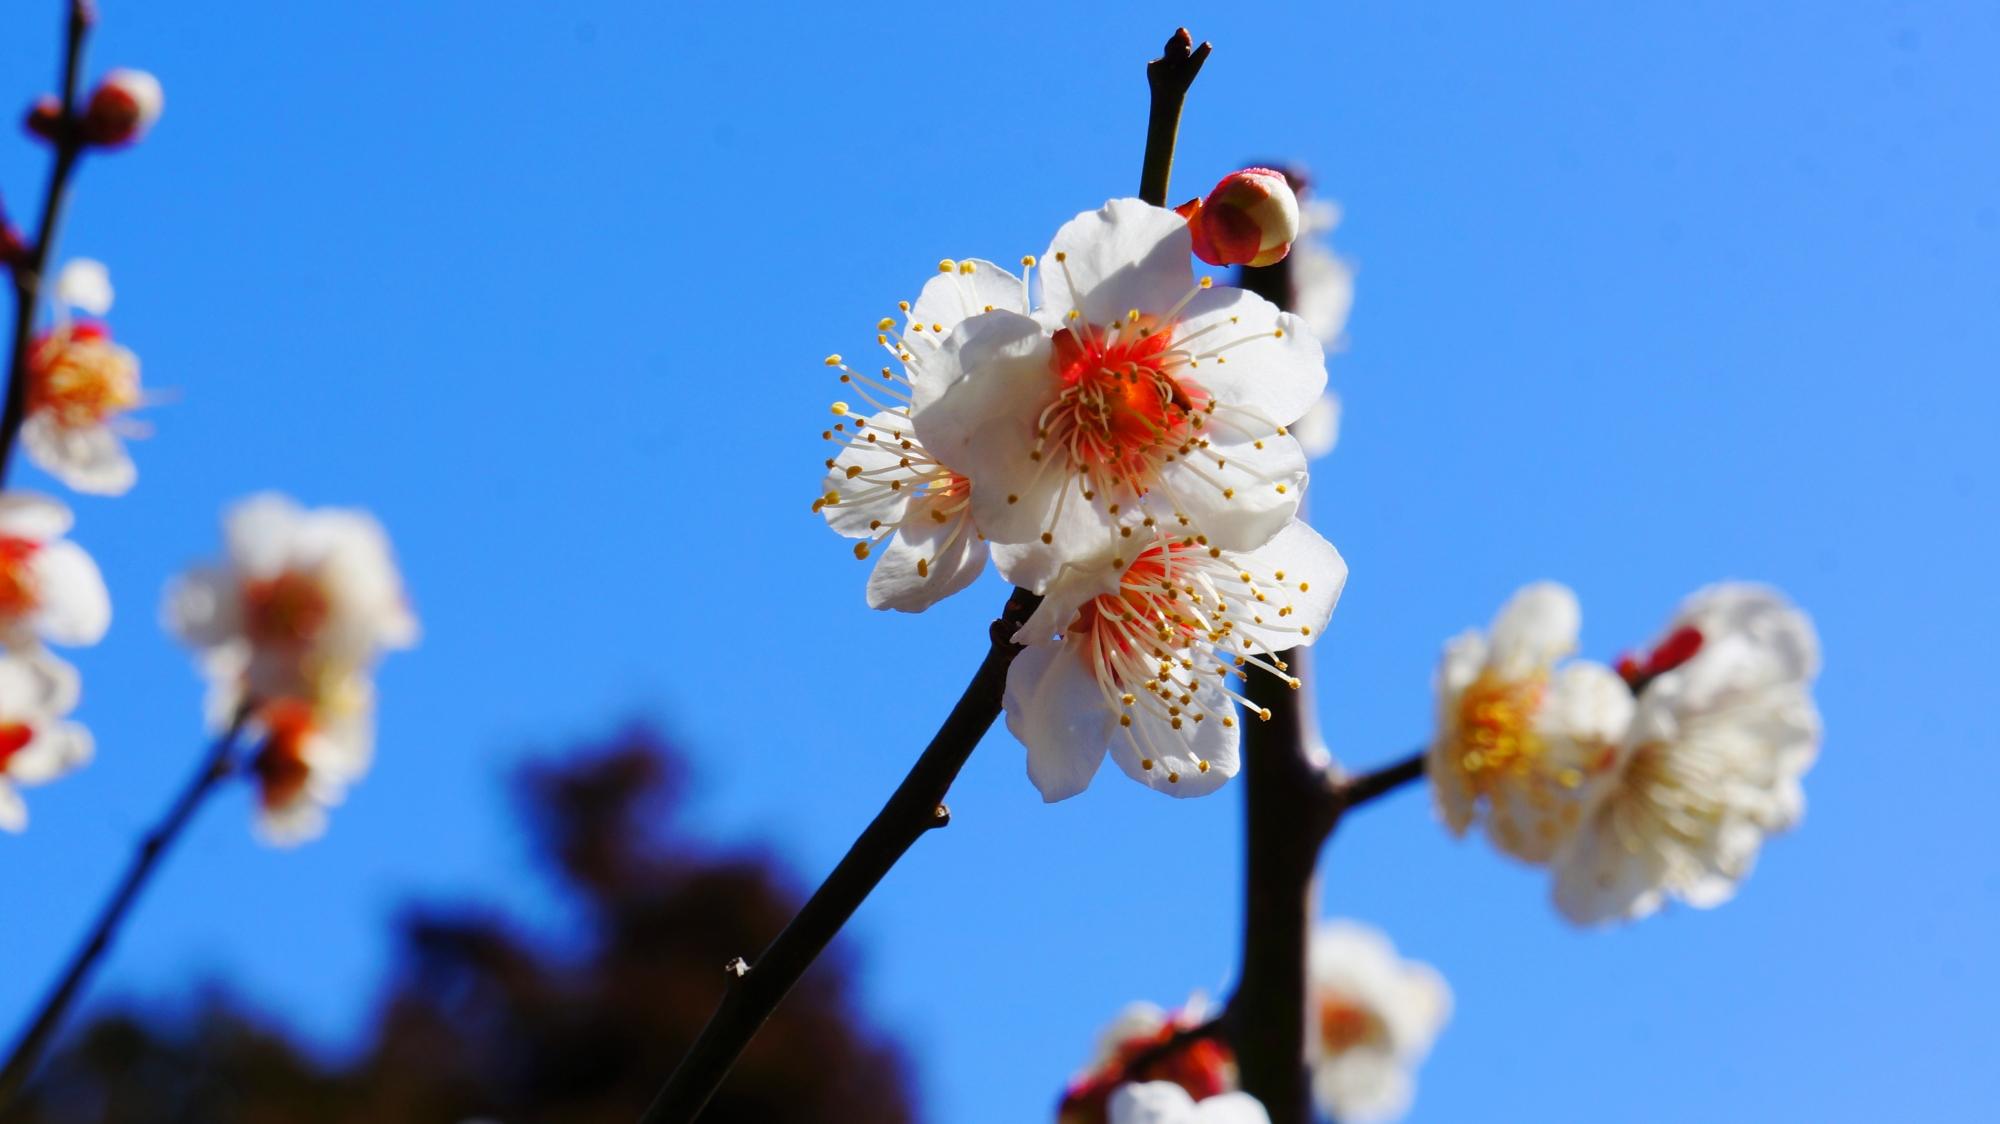 青空を華やかに染める白い梅の花